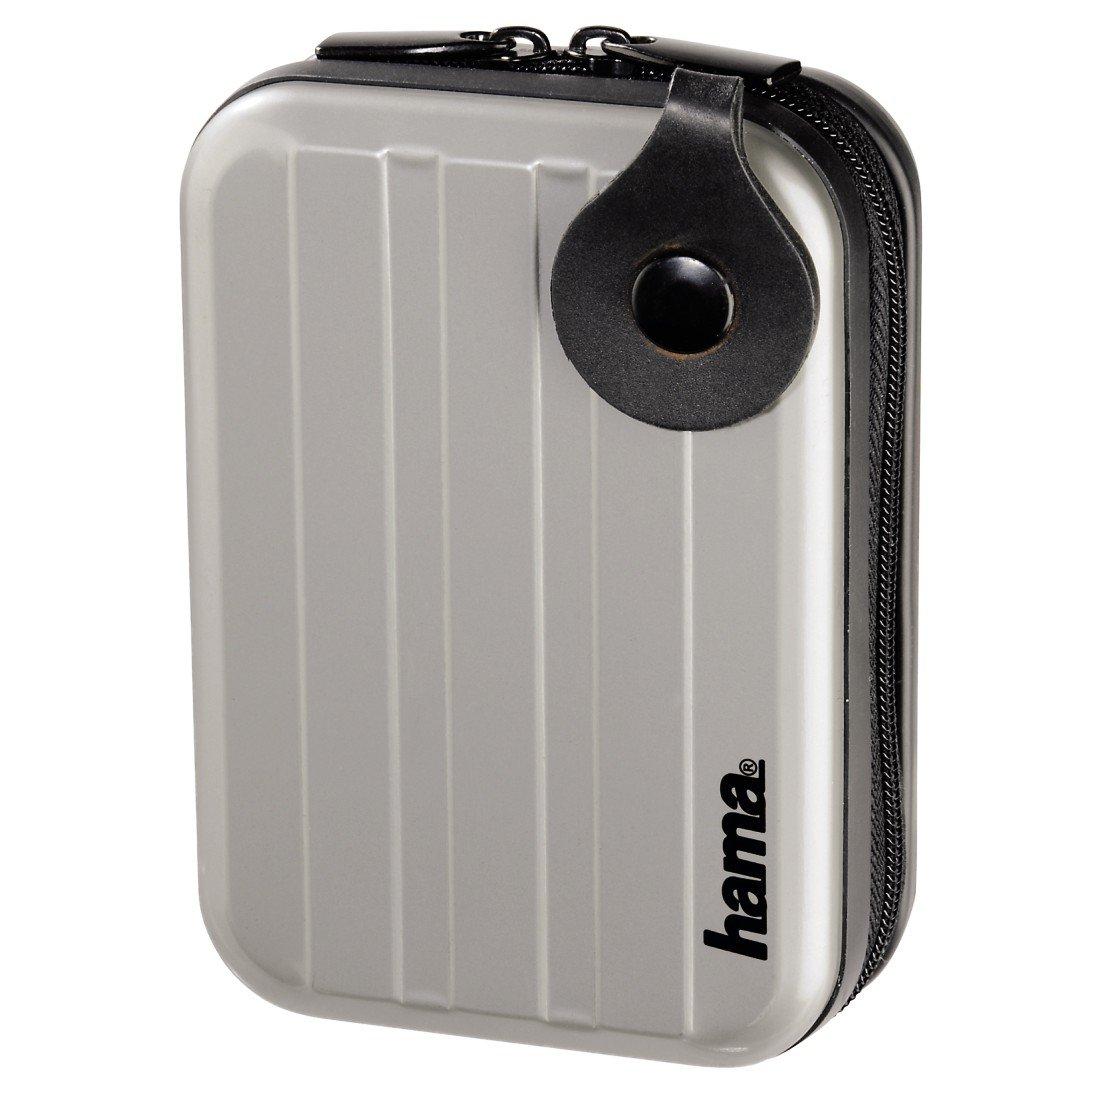 カメラ用ハマハードケースメタルスタイル60Hバッグ - グレー B005616H0A